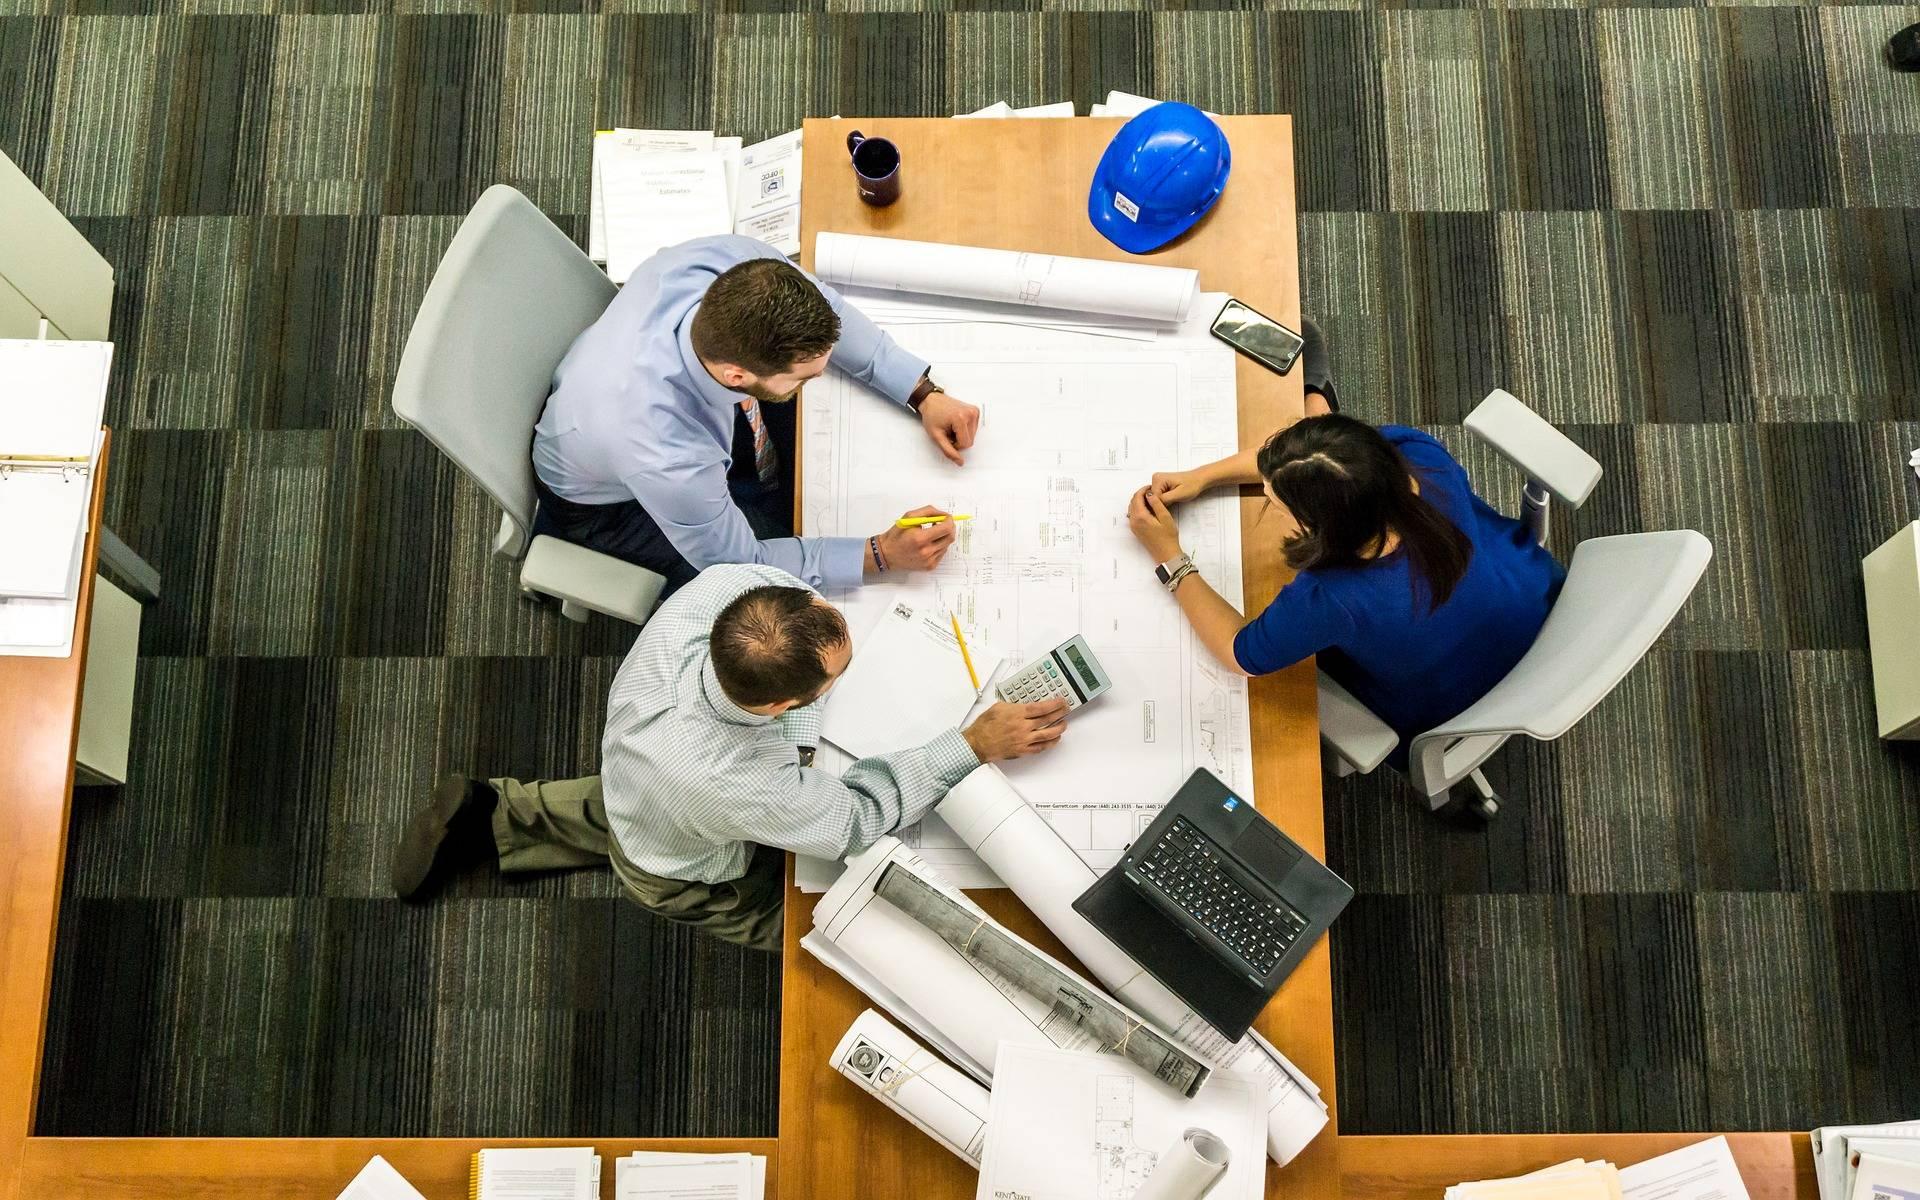 A AGENDA URBANA tem vindo a crescer de uma forma sustentada, procurando disponibilizar cada vez mais serviços no âmbito da sua missão estratégica dedicada aos estudos, projetos e consultoria na área do território, da habitação e reabilitação urbana, assim como ao apoio à gestão de entidades públicas e privadas.